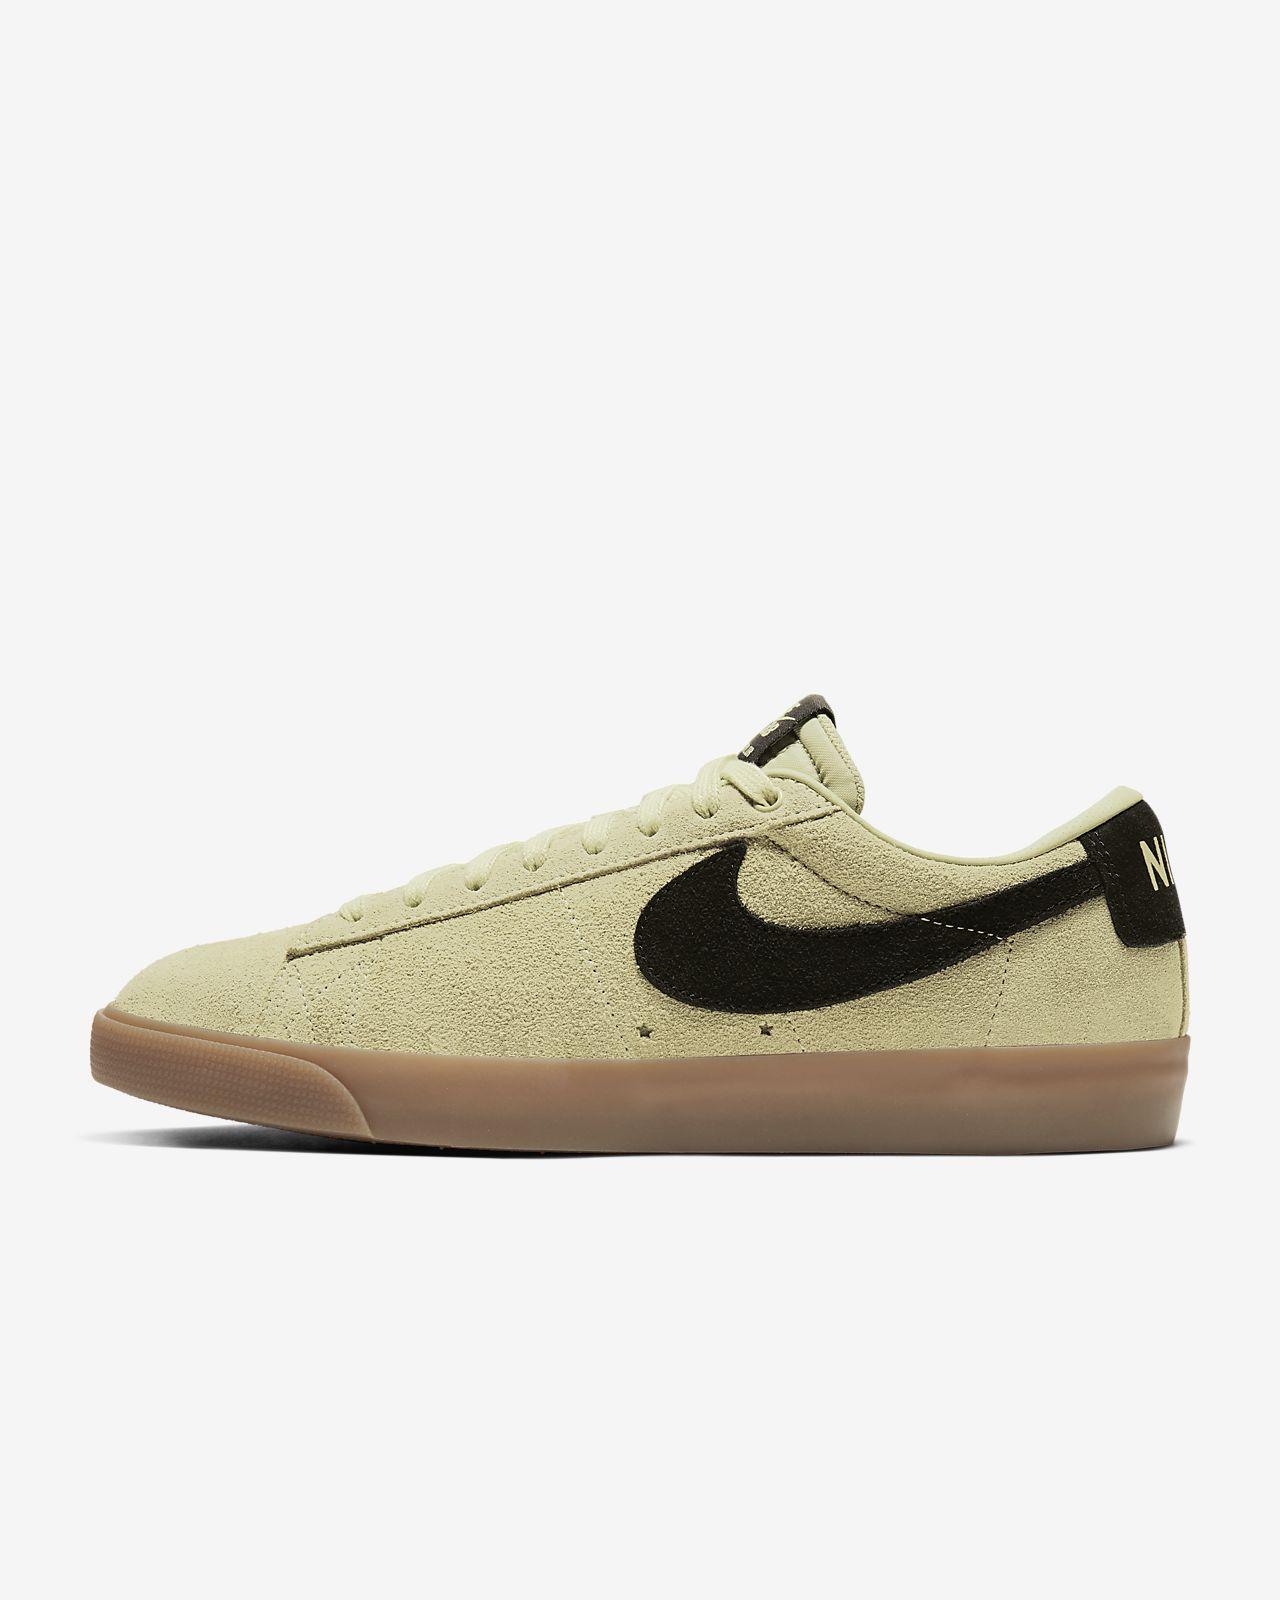 miglior sito web la migliore vendita migliore selezione del 2019 Scarpa da skateboard Nike SB Blazer Low GT. Nike IT